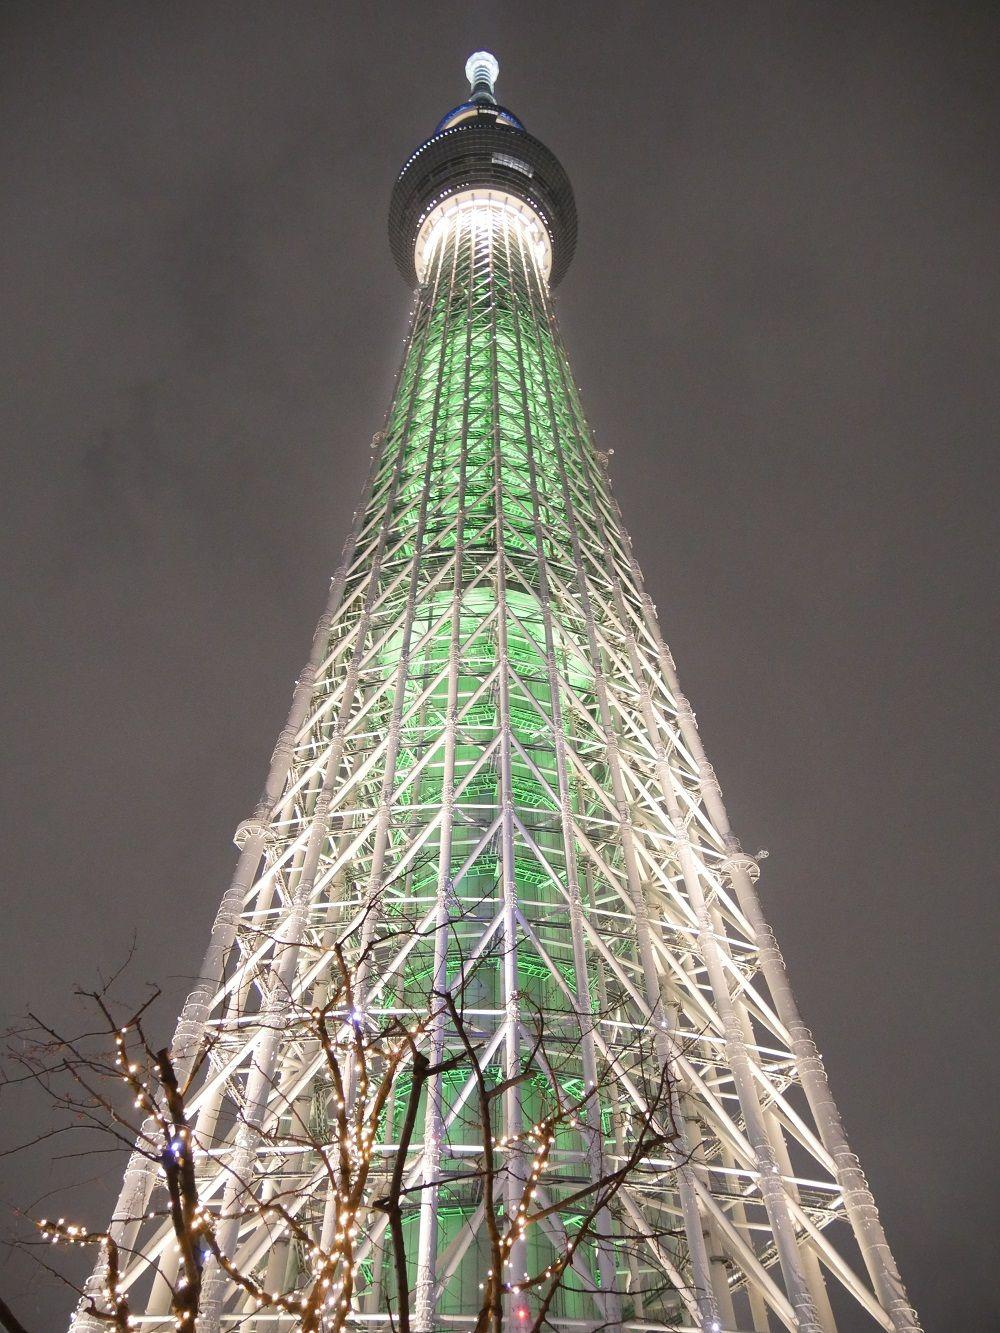 出た!まるで世界一高いクリスマスツリー!